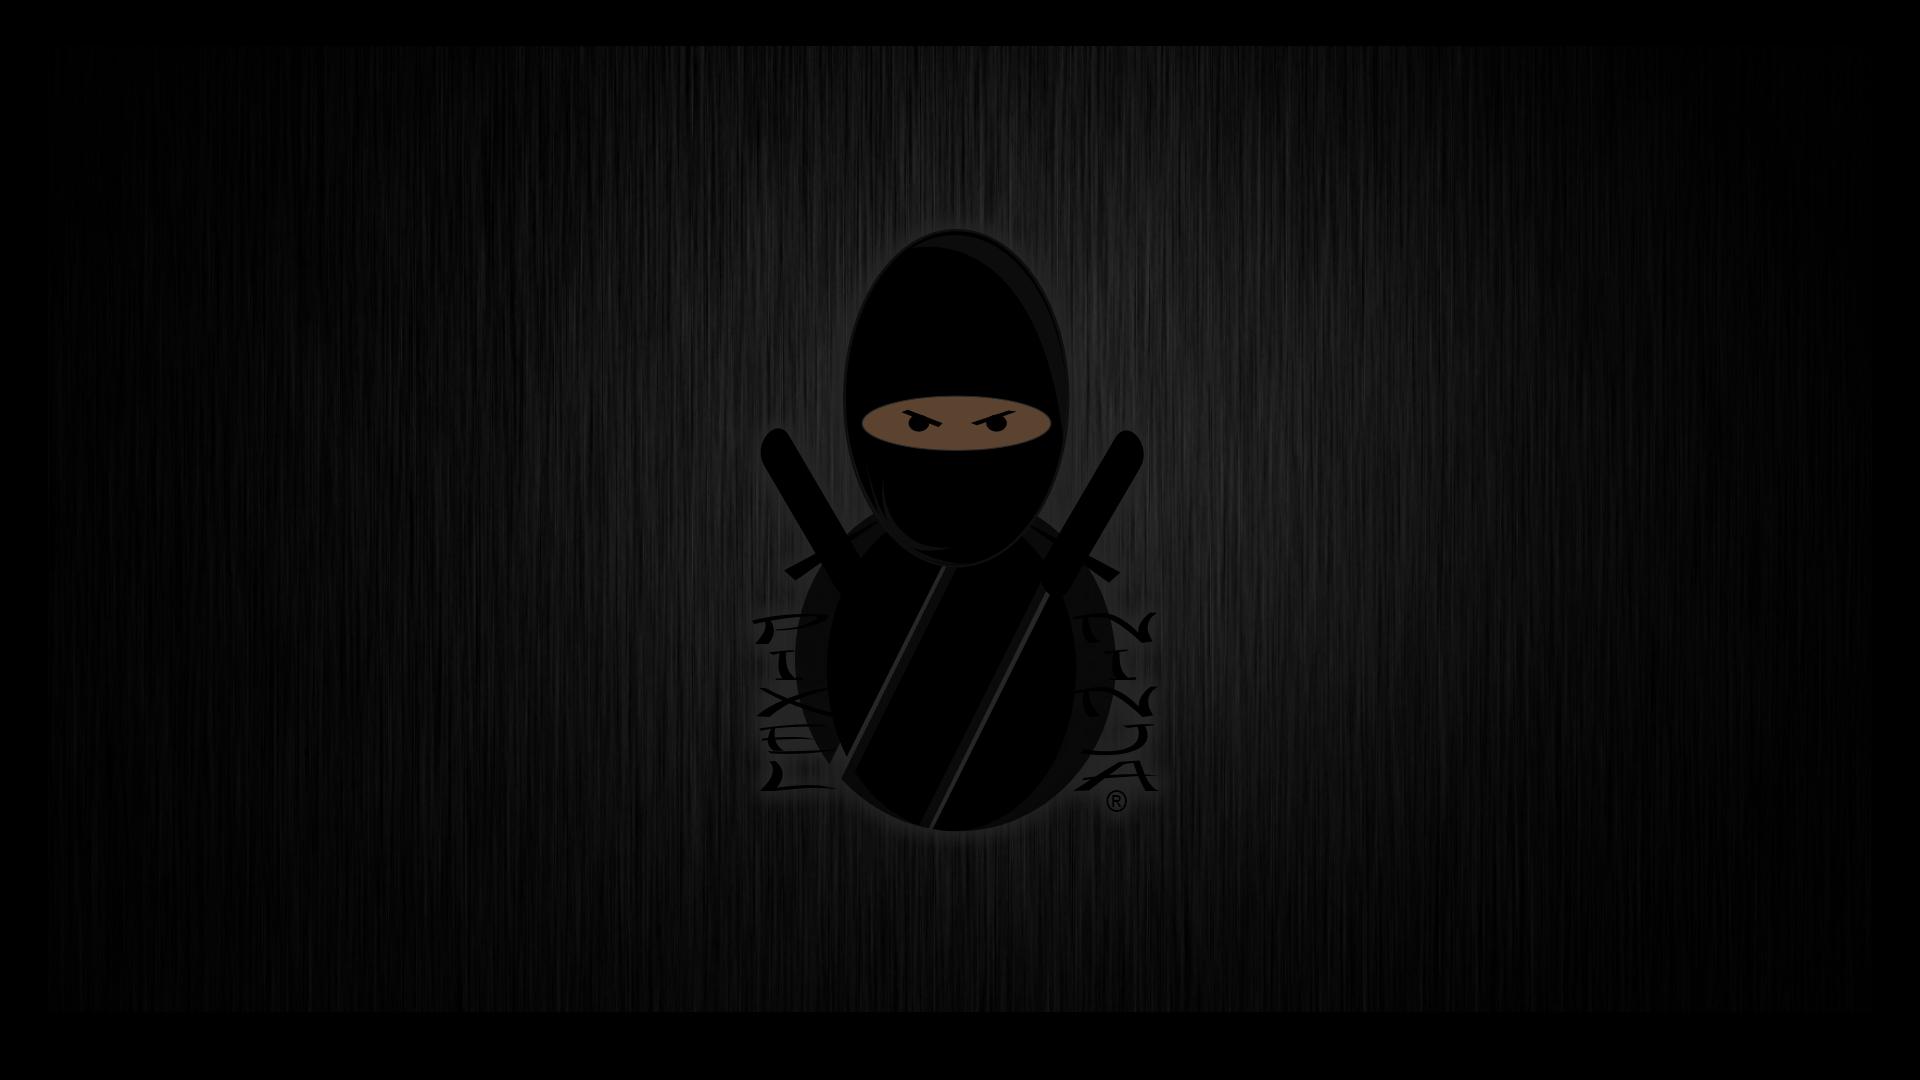 ninja assassin wallpapers hd